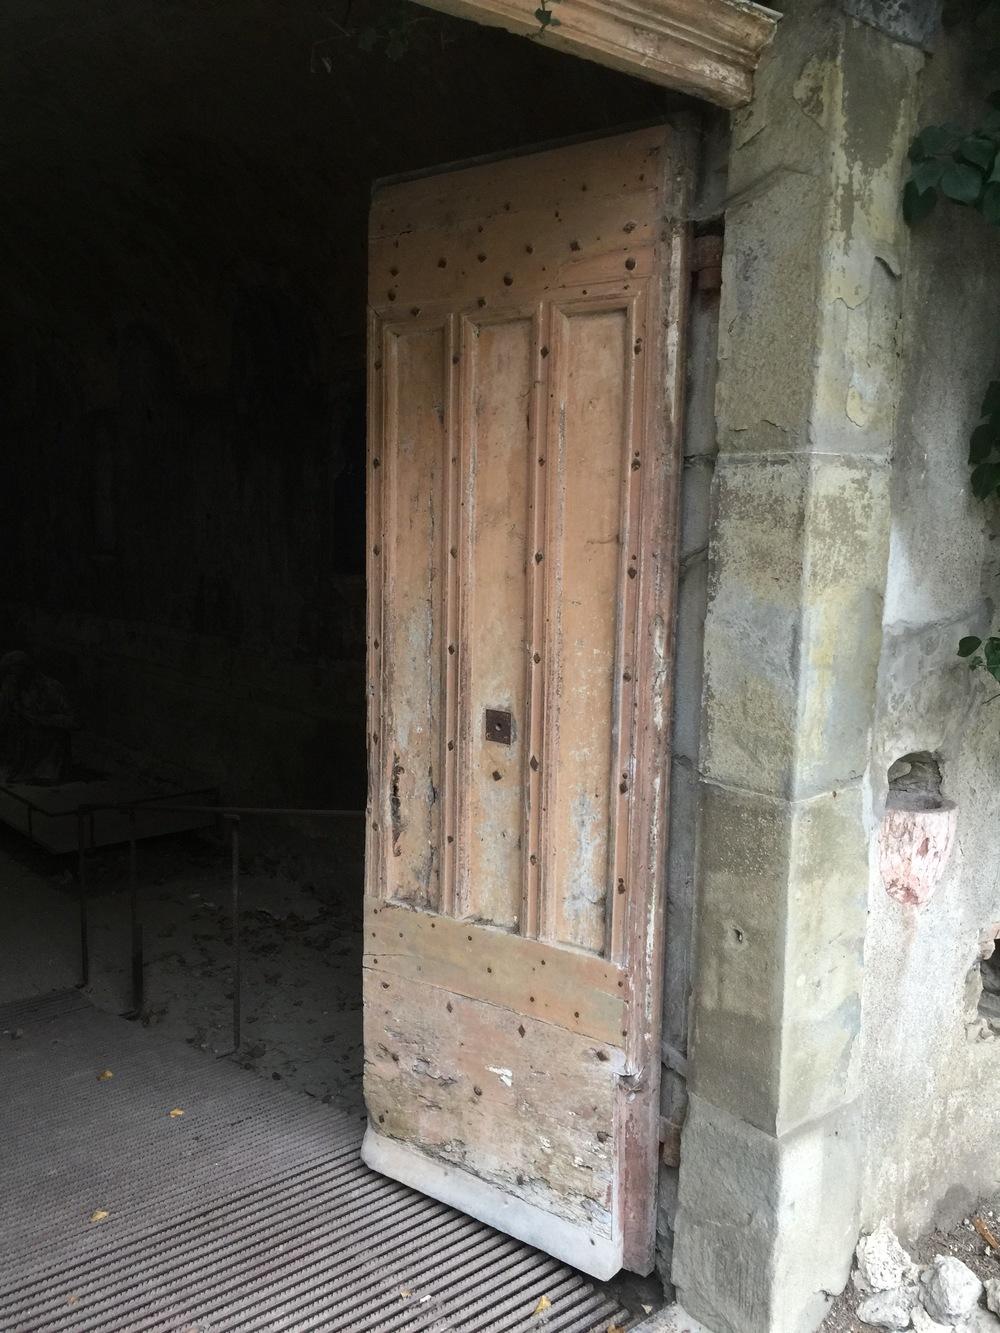 Le-Jardin-du-Calvaire-Carcassonne-jessewaugh.com-51.jpg